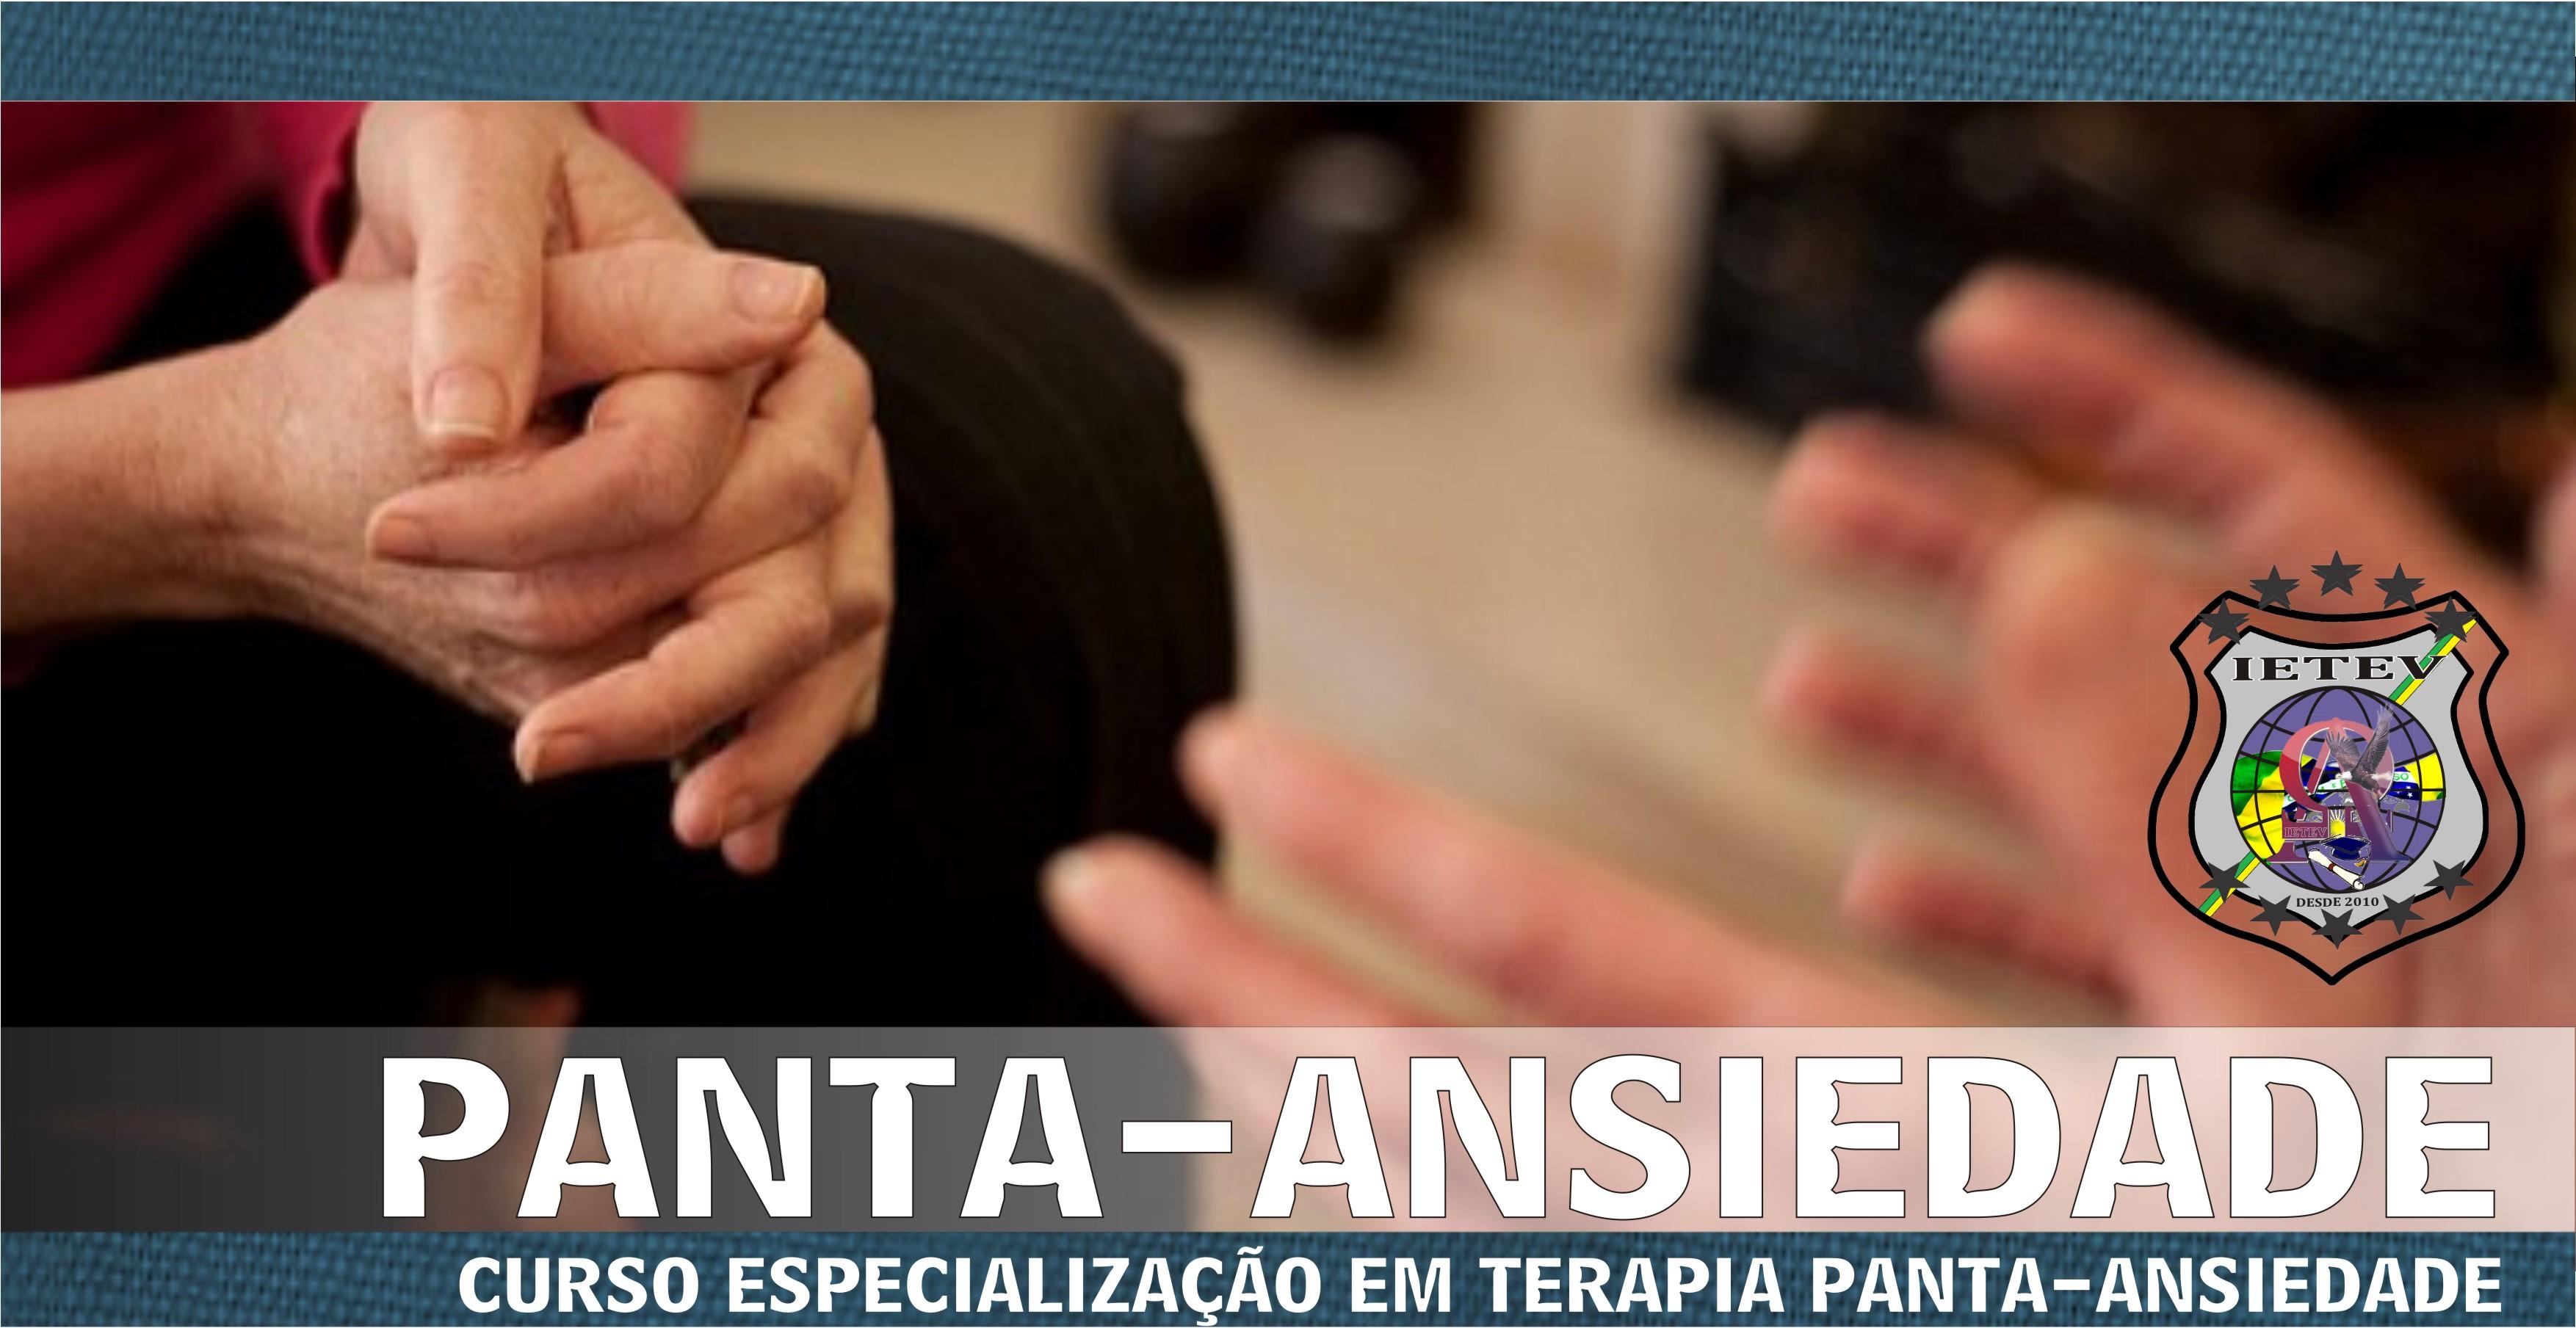 ESPECIALIZAÇÃO EM TERAPIA PANTA-ANSIEDADE